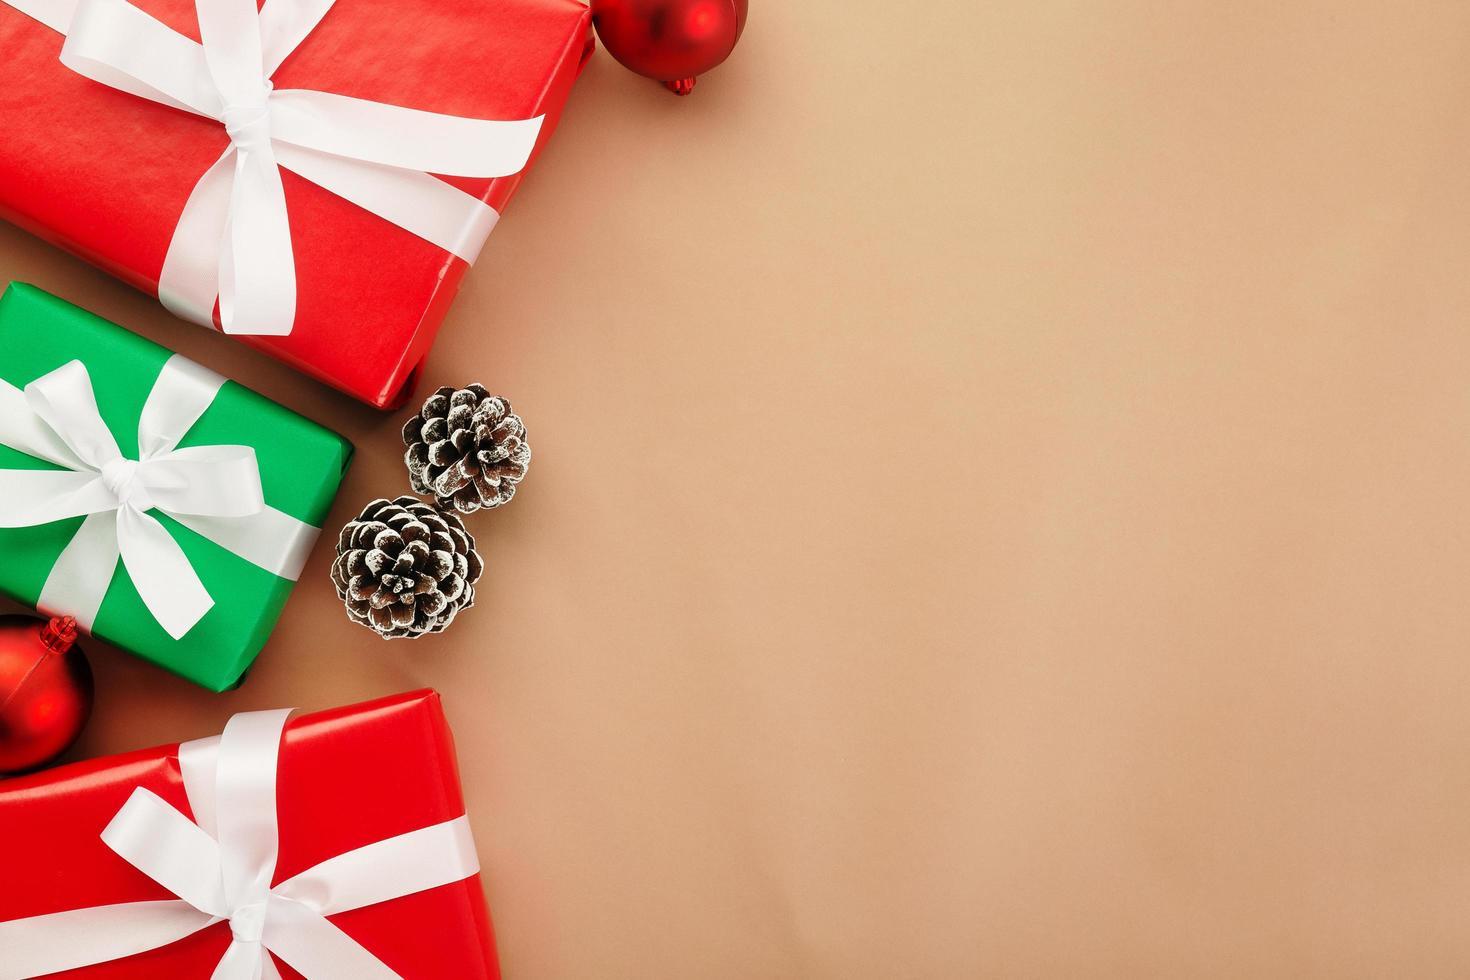 navidad y año nuevo con cajas de regalo. foto